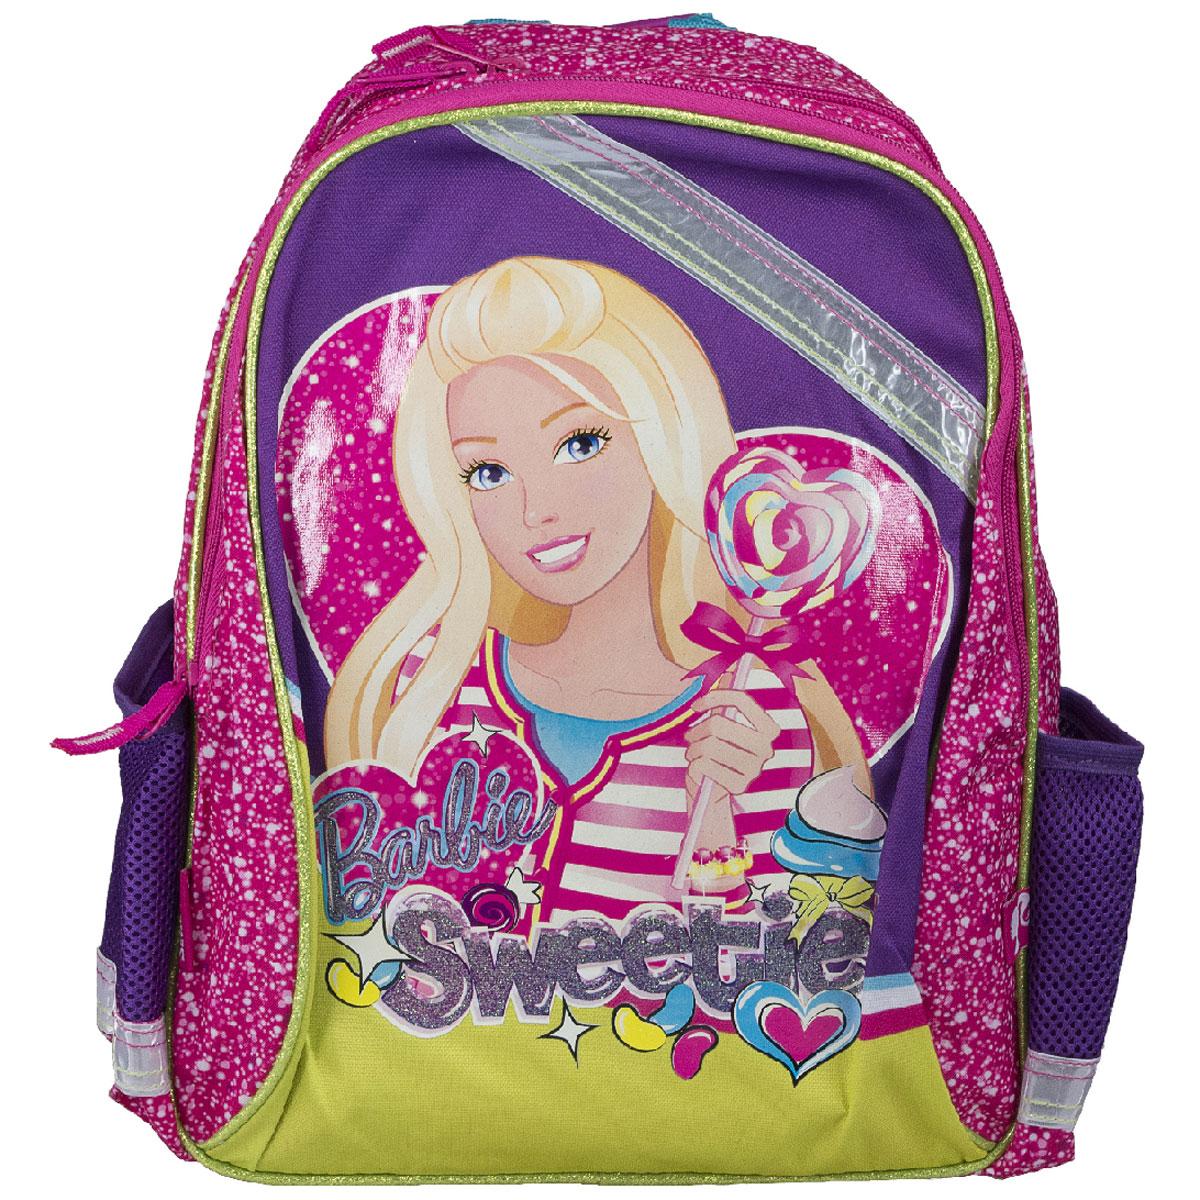 Рюкзак школьный Barbie Sweetie, цвет: розовый, фиолетовый. BRCB-MT1-97742481/116Рюкзак школьный Barbie Sweetie обязательно понравится вашей школьнице. Выполнен из прочных и высококачественных материалов, дополнен изображением очаровательной Барби.Содержит два вместительных отделения, закрывающиеся на застежки-молнии. В большом отделении находится перегородка для тетрадей или учебников. Дно рюкзака можно сделать жестким, разложив специальную панель с пластиковой вставкой, что повышает сохранность содержимого рюкзака и способствует правильному распределению нагрузки. По бокам расположены два накладных кармана-сетка. Конструкция спинки дополнена противоскользящей сеточкой и системой вентиляции для предотвращения запотевания спины ребенка. Мягкие широкие лямки позволяют легко и быстро отрегулировать рюкзак в соответствии с ростом. Рюкзак оснащен эргономичной ручкой для удобной переноски в руке. Светоотражающие элементы обеспечивают безопасность в темное время суток.Такой школьный рюкзак станет незаменимым спутником вашего ребенка в походах за знаниями.Вес рюкзака без наполнения: 550 г.Рекомендуемый возраст: от 7 лет.